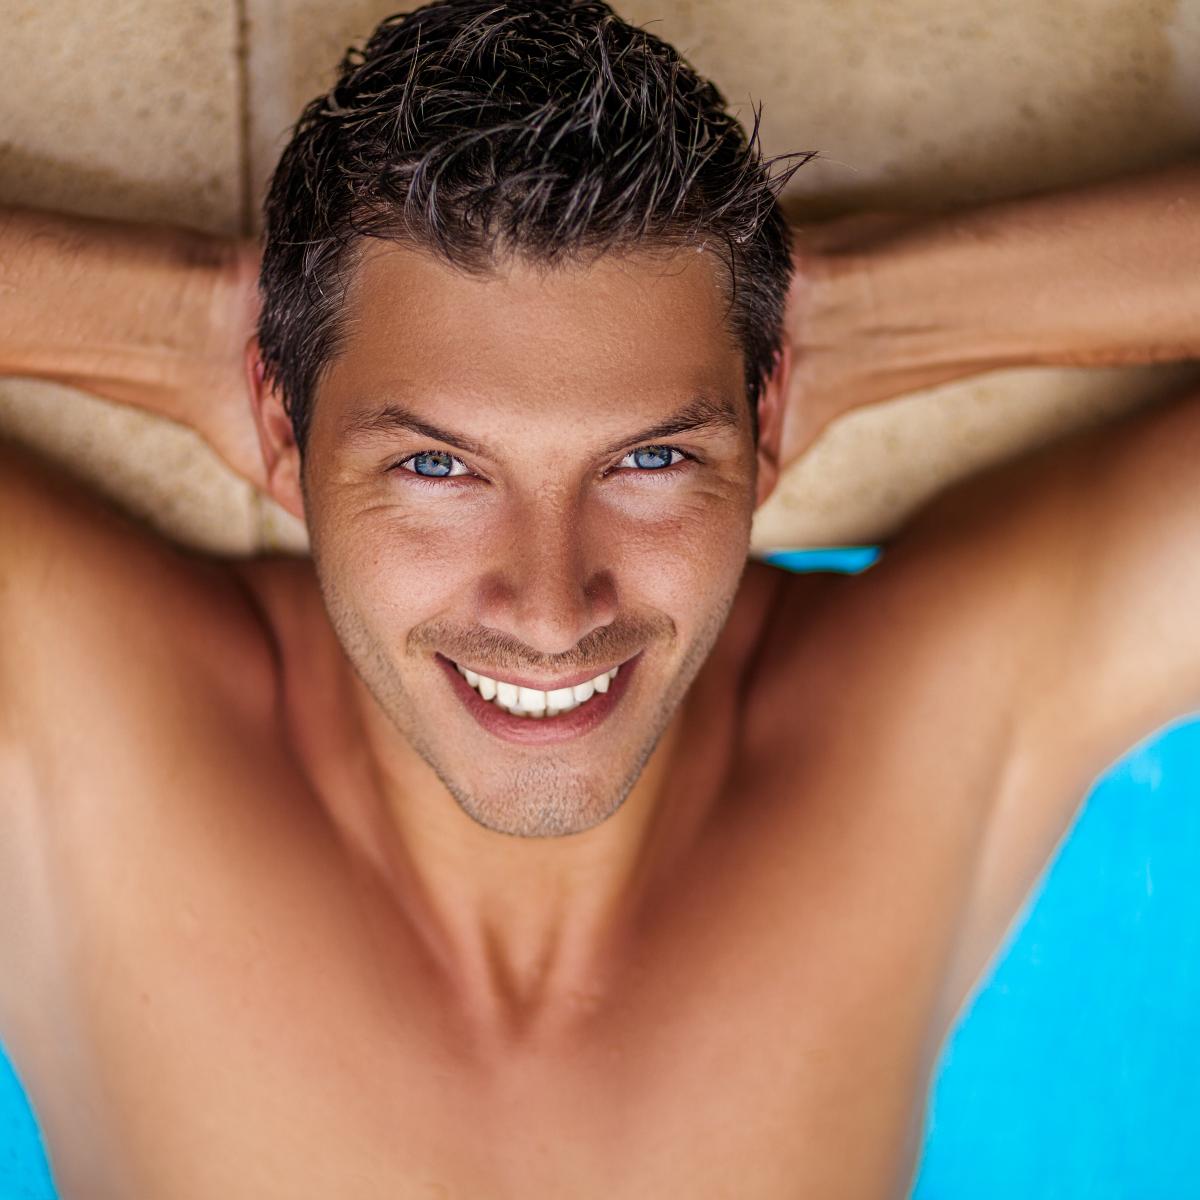 איך שחייה יכולה לעשות לכם את זה